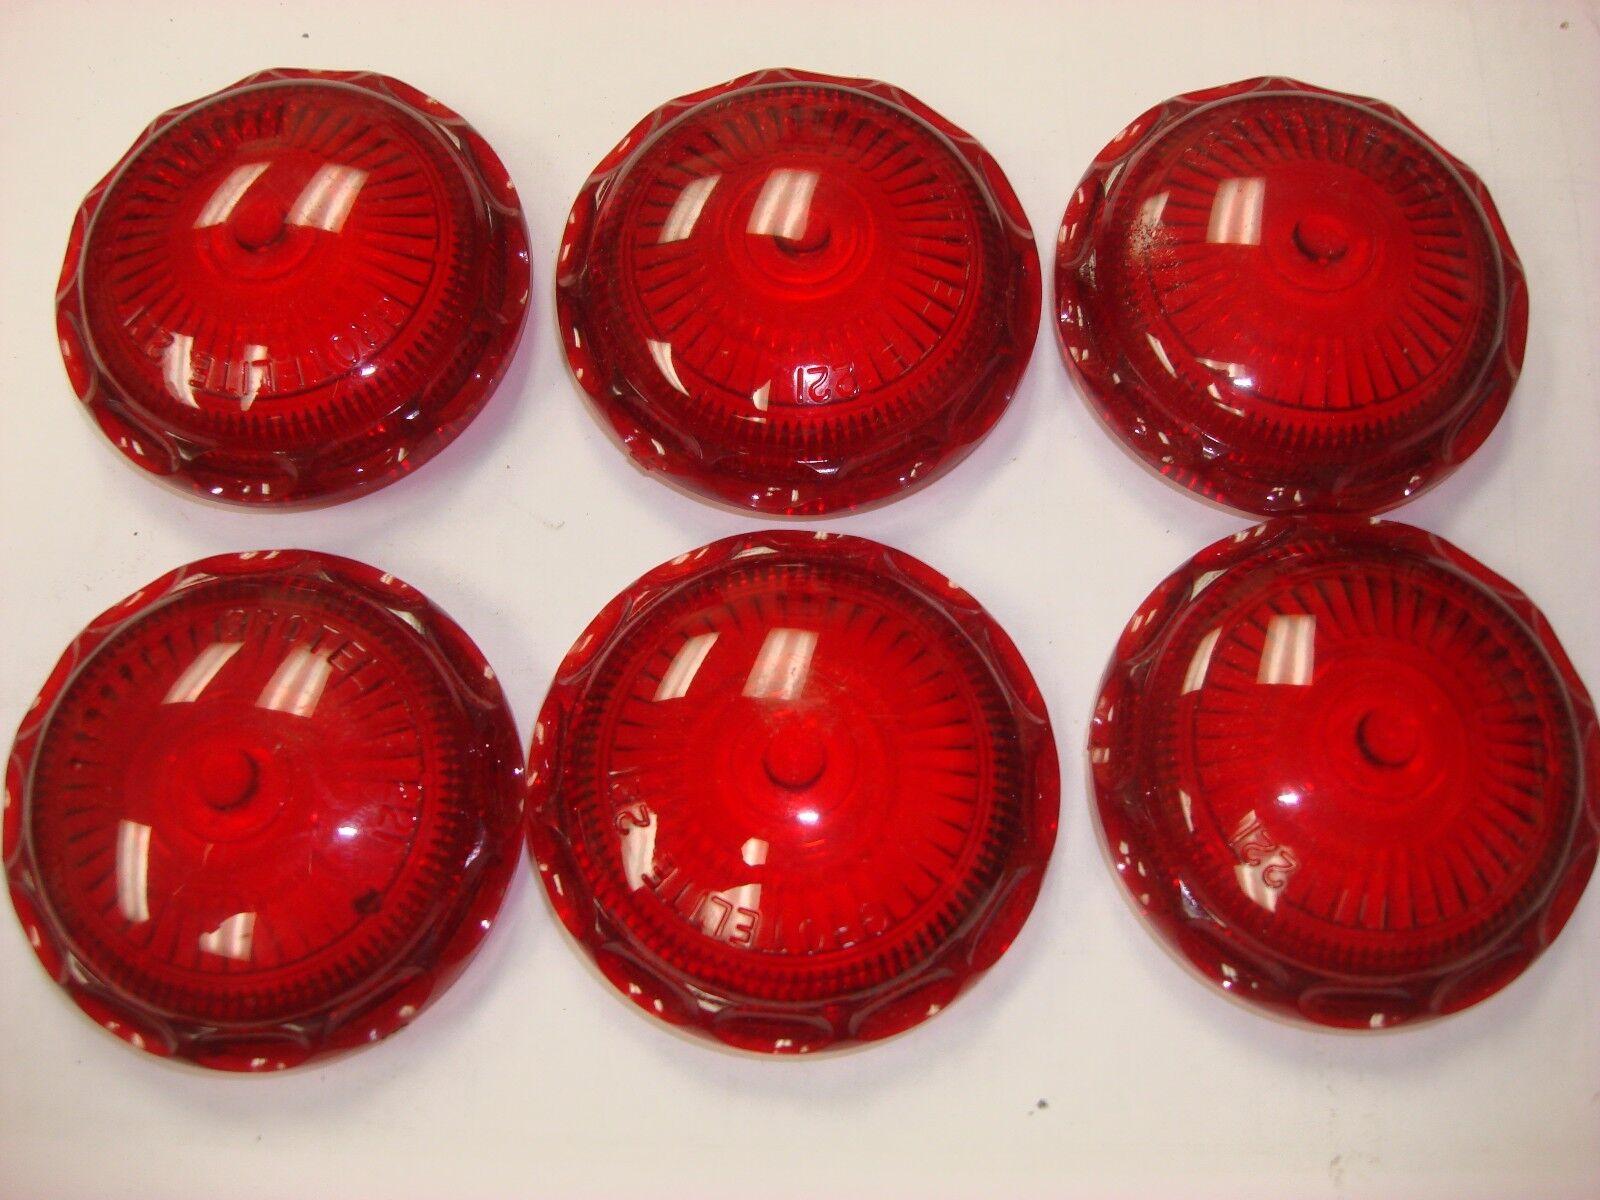 """NEW Lot of 6pcs Red Lens Roof Cab Light Marker Grotelite 221R 2 7/16"""" Diameter"""